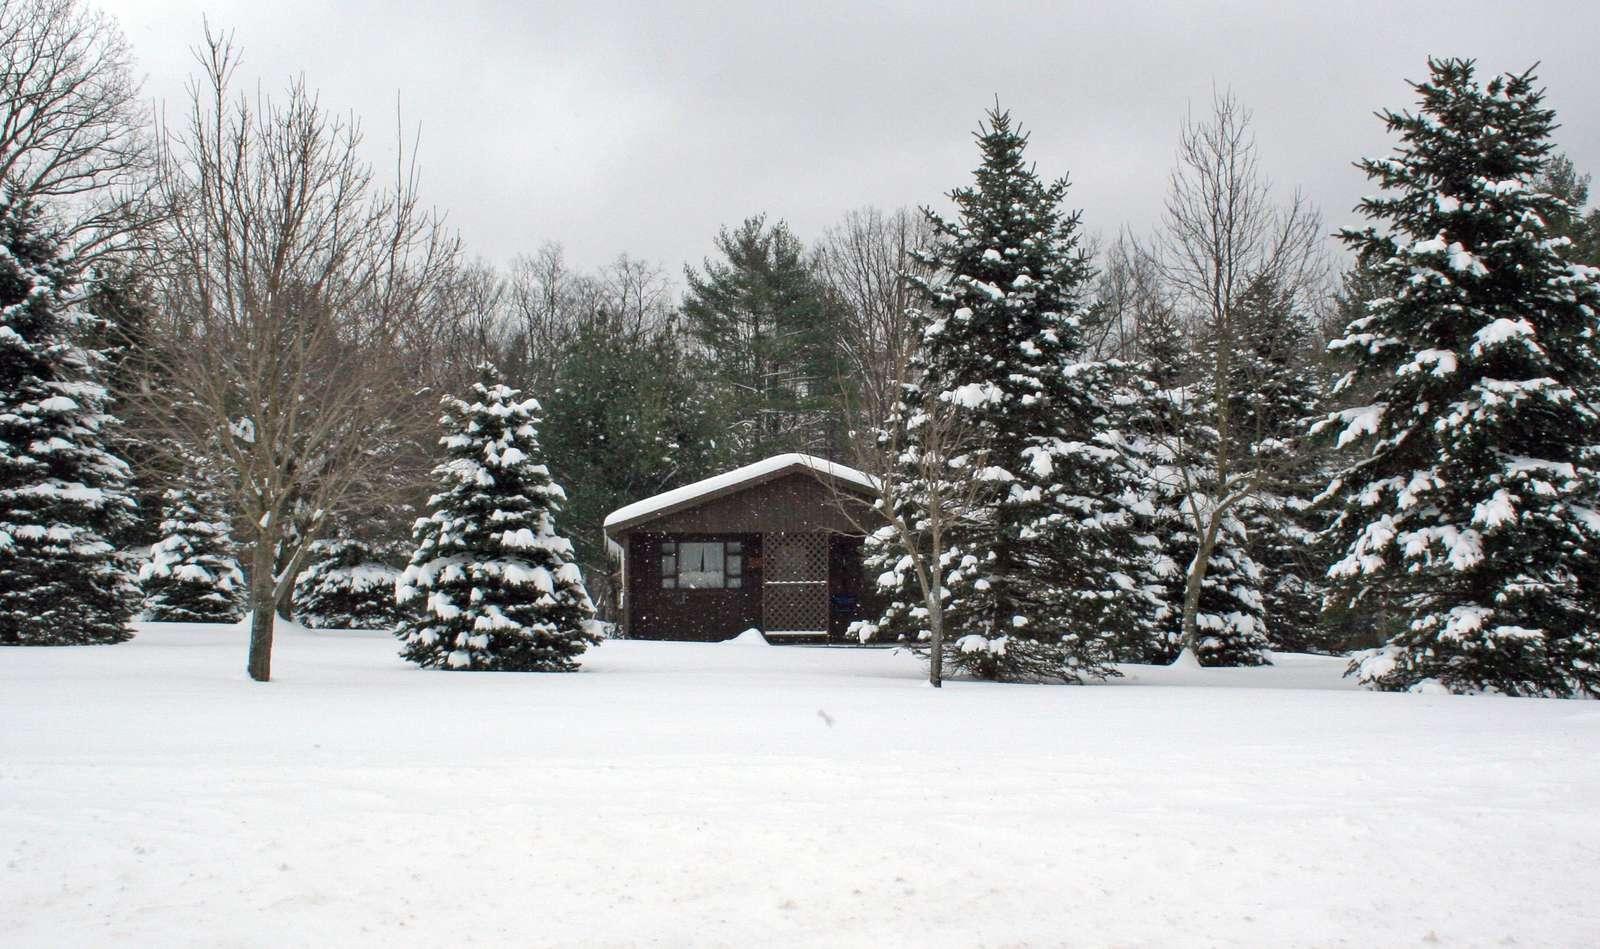 Sugar Pine Cottage - Snow 12-30-12